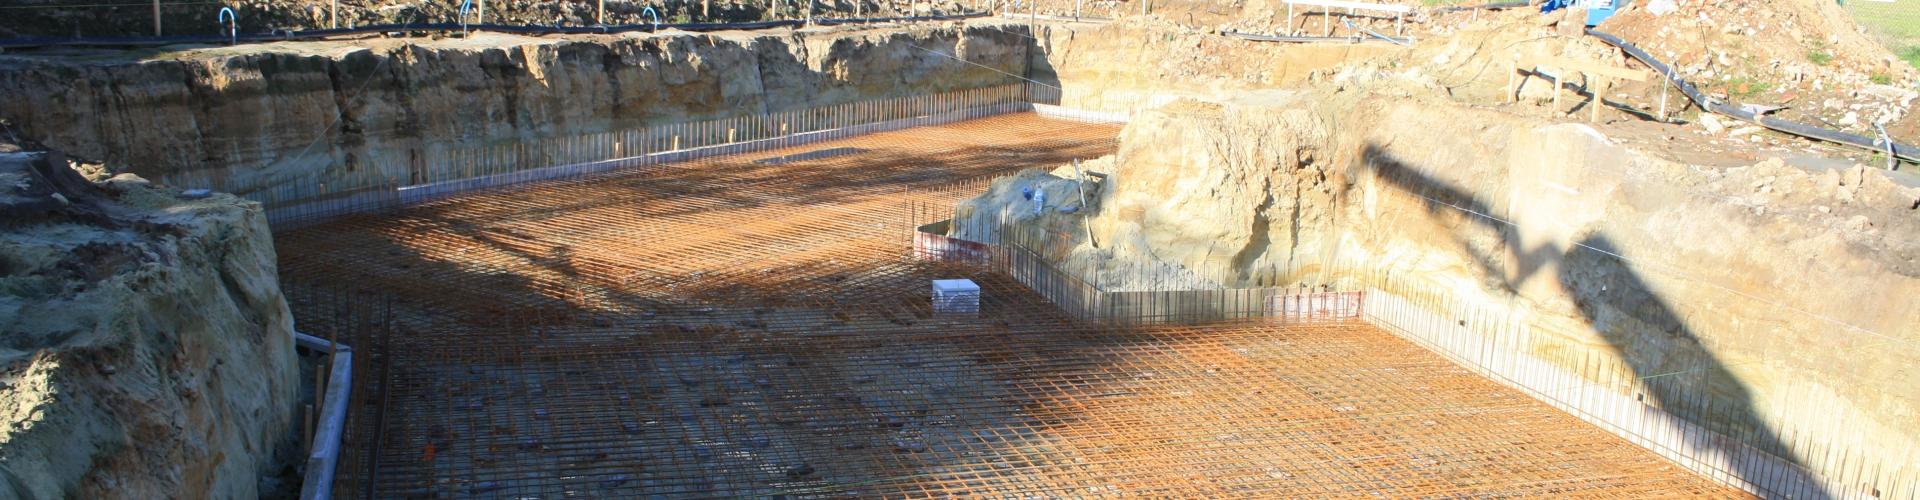 Welkom bij Asperse betonkelders